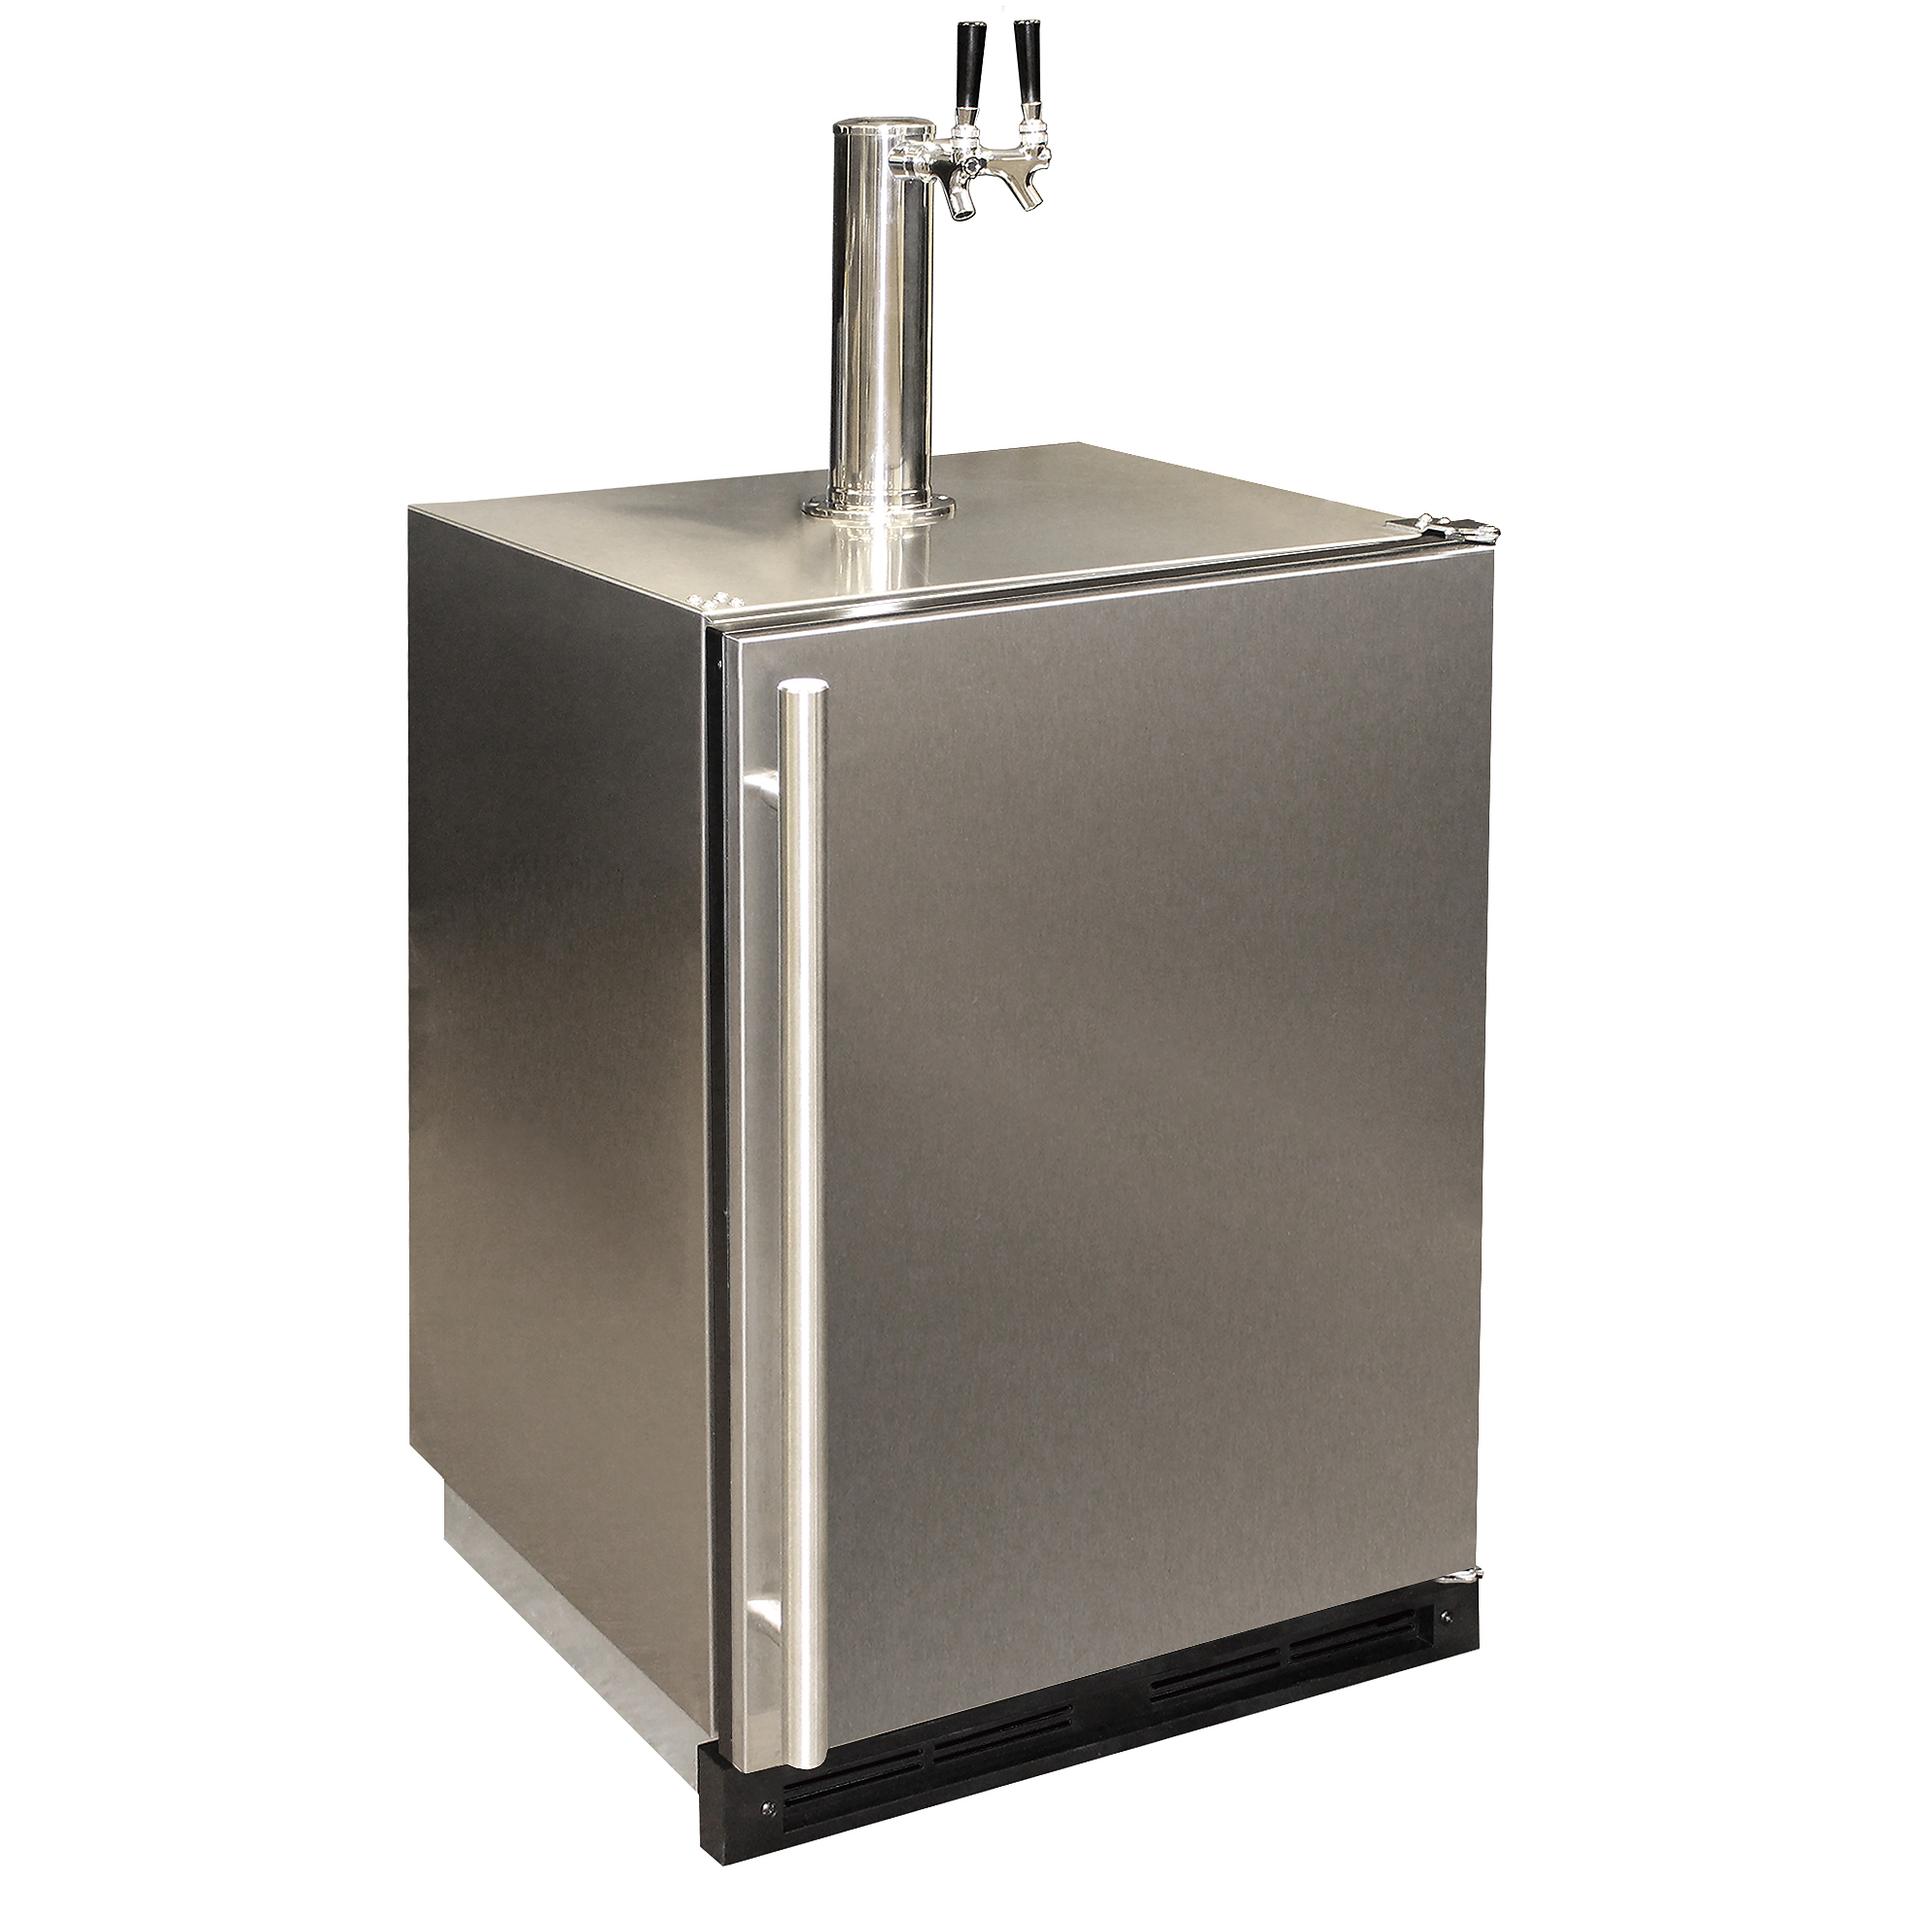 Keg Refrigerator Amp Tap For Residential Pros